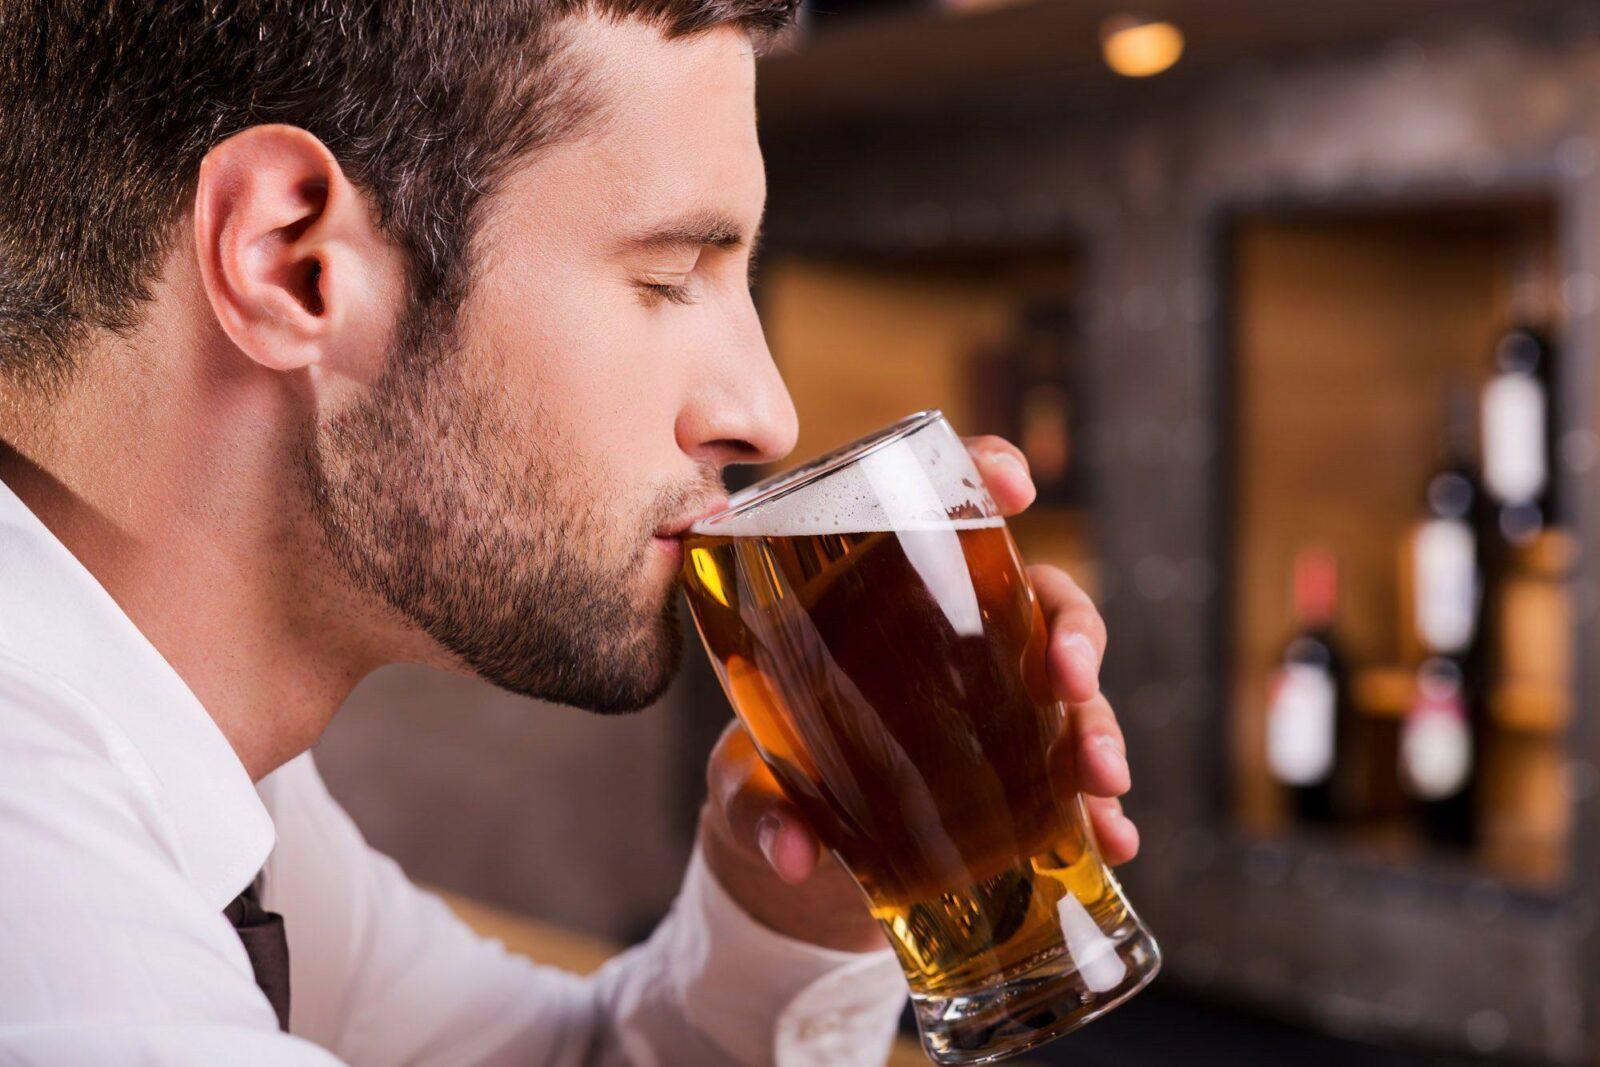 Cách uống bia để có lợi cho sức khỏe